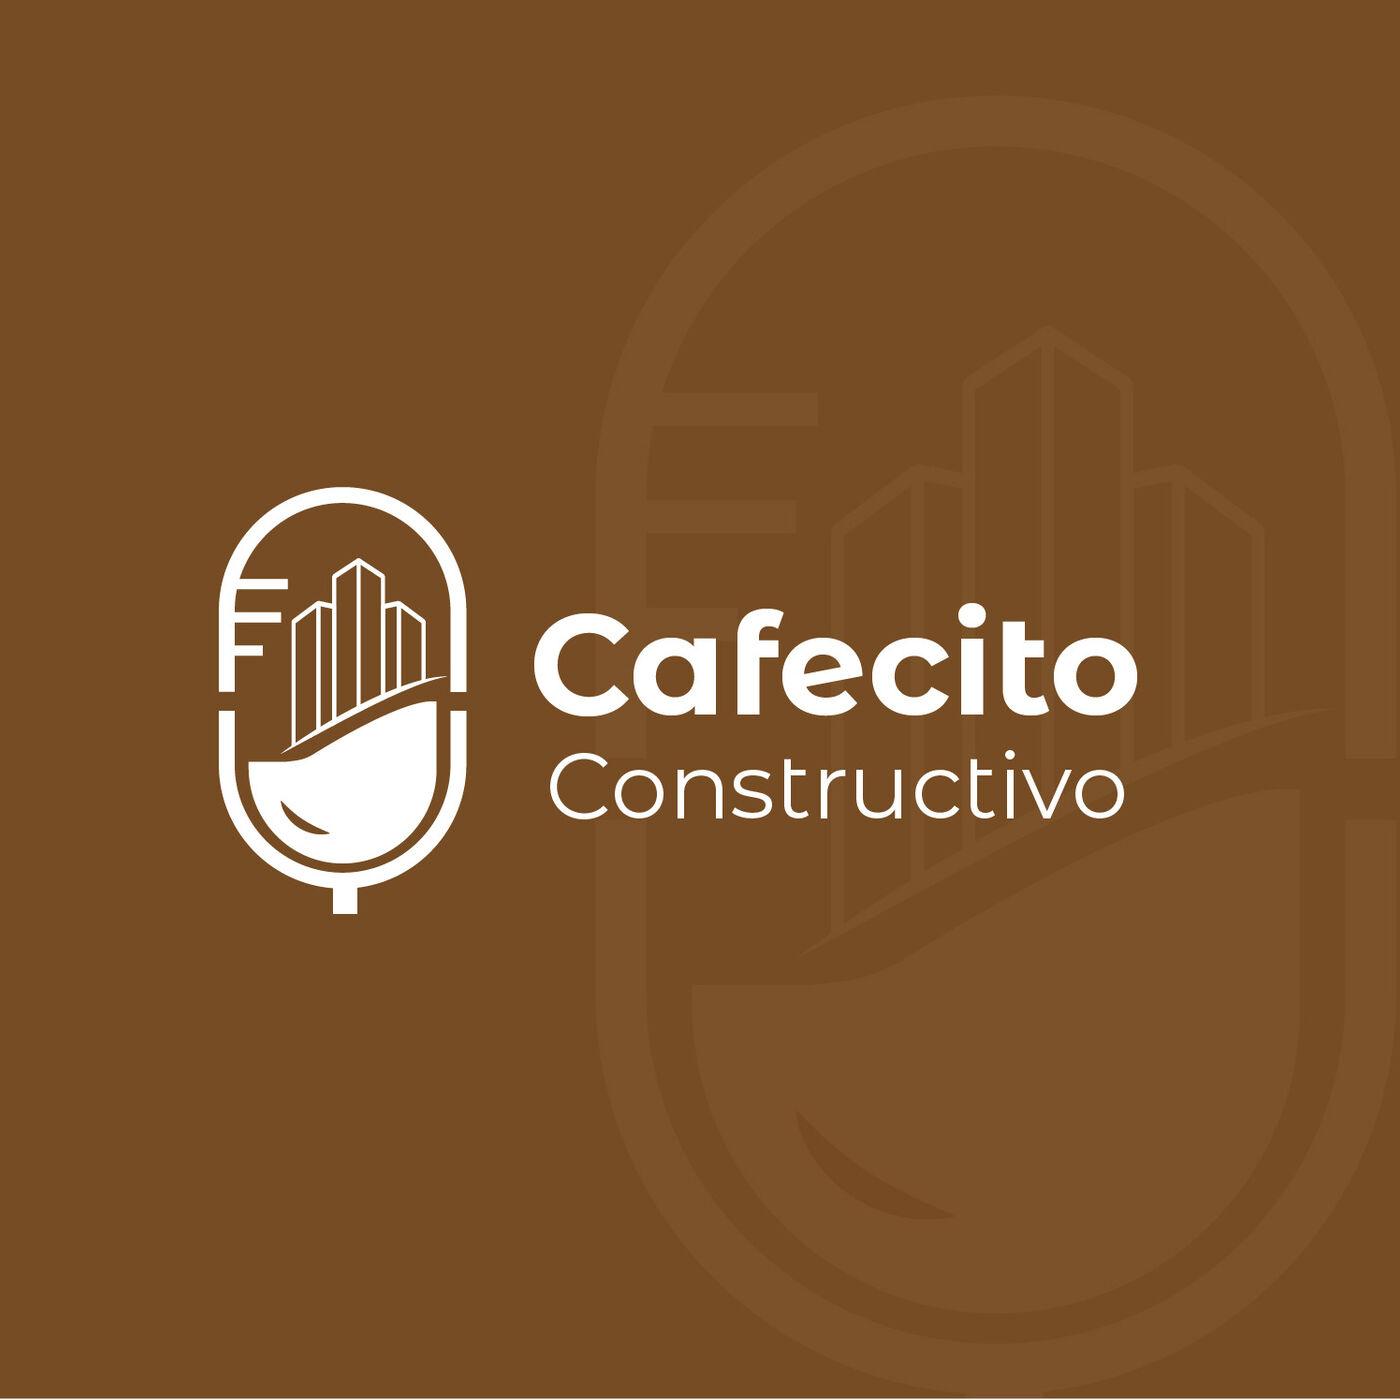 46. J'ael García: Impulsando marcas y colegas